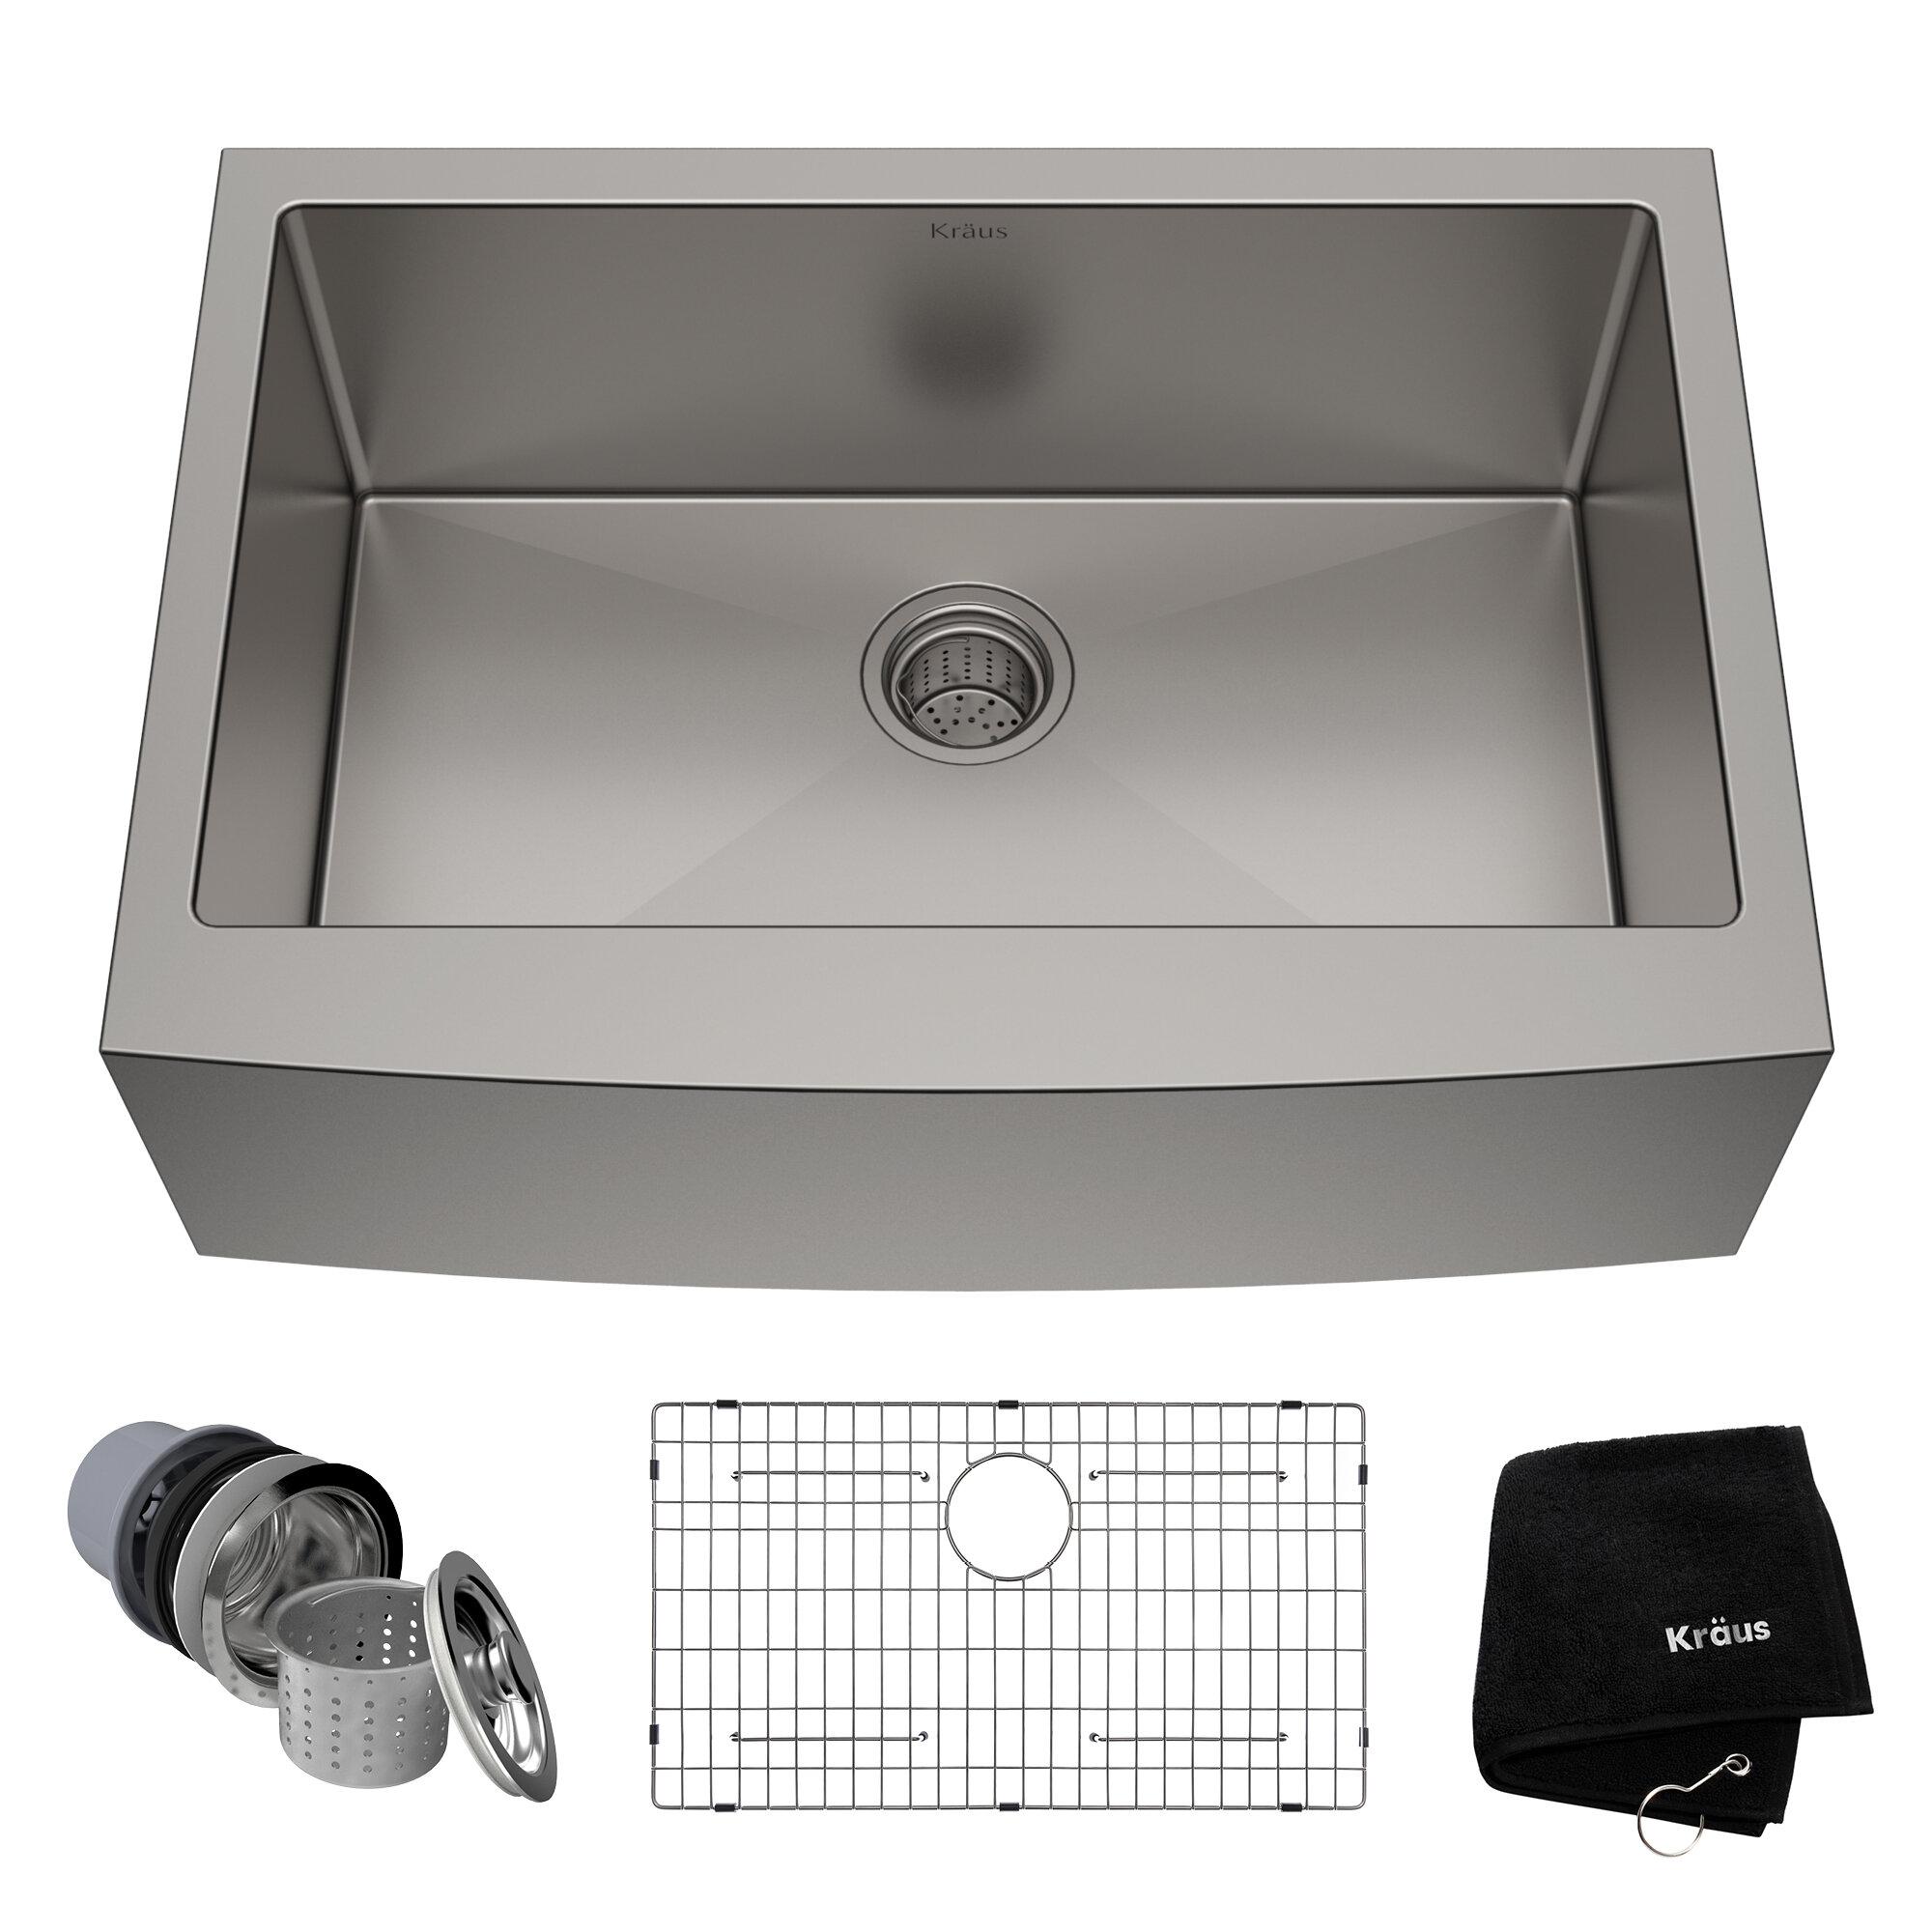 Vigo Laurelton Pull Down Spray Kitchen Faucet In Matte Black modern & contemporary 30 inch kitchen sink | allmodern